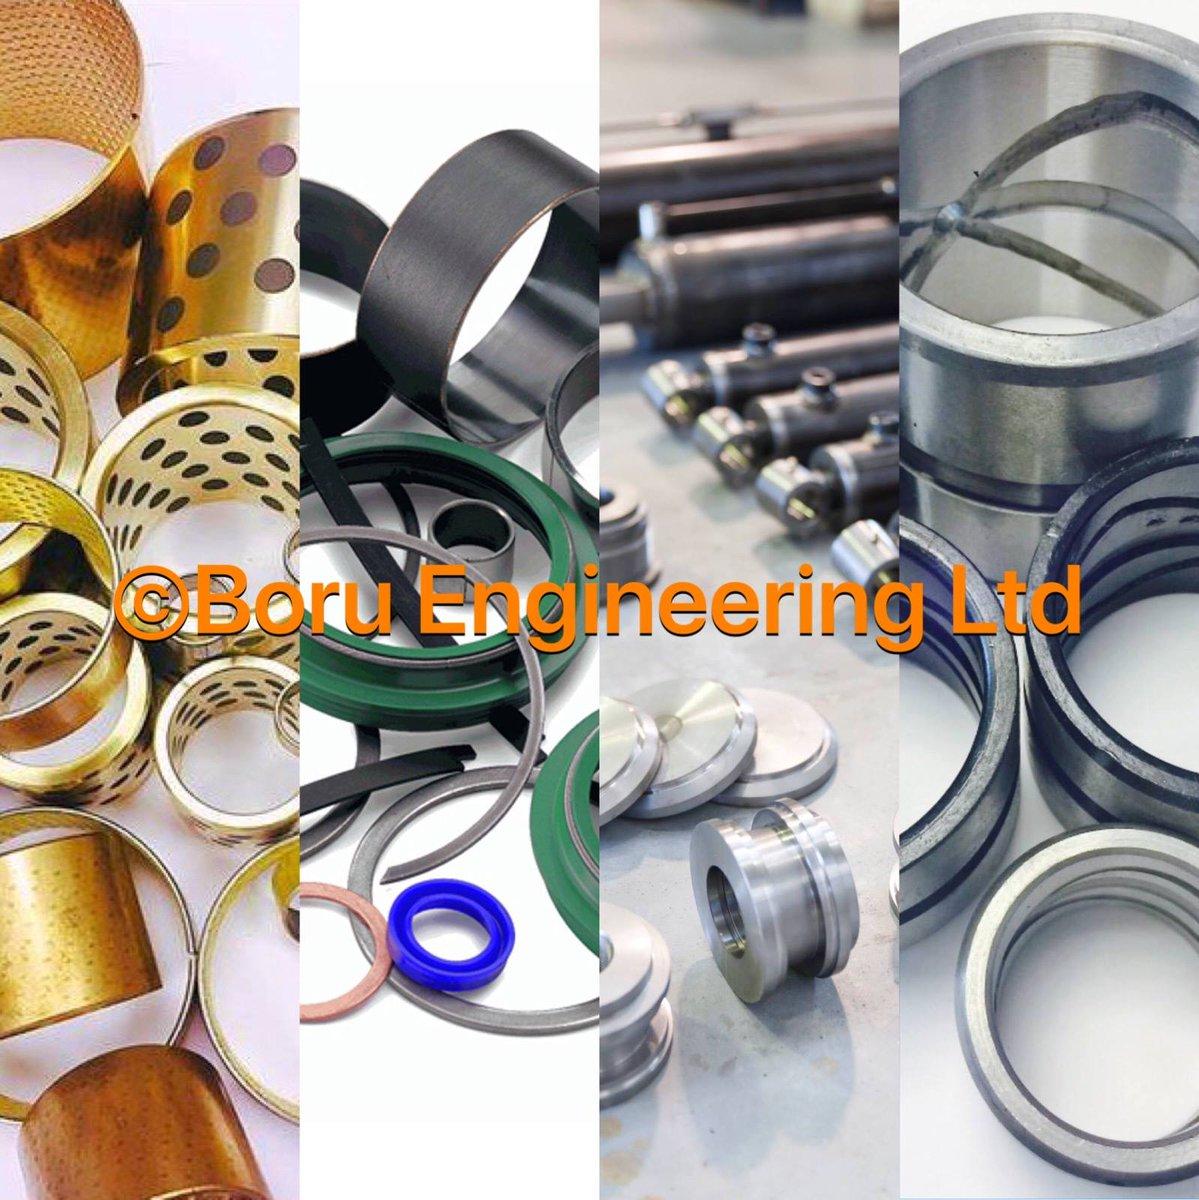 Boru Engineering Ltd on Twitter: